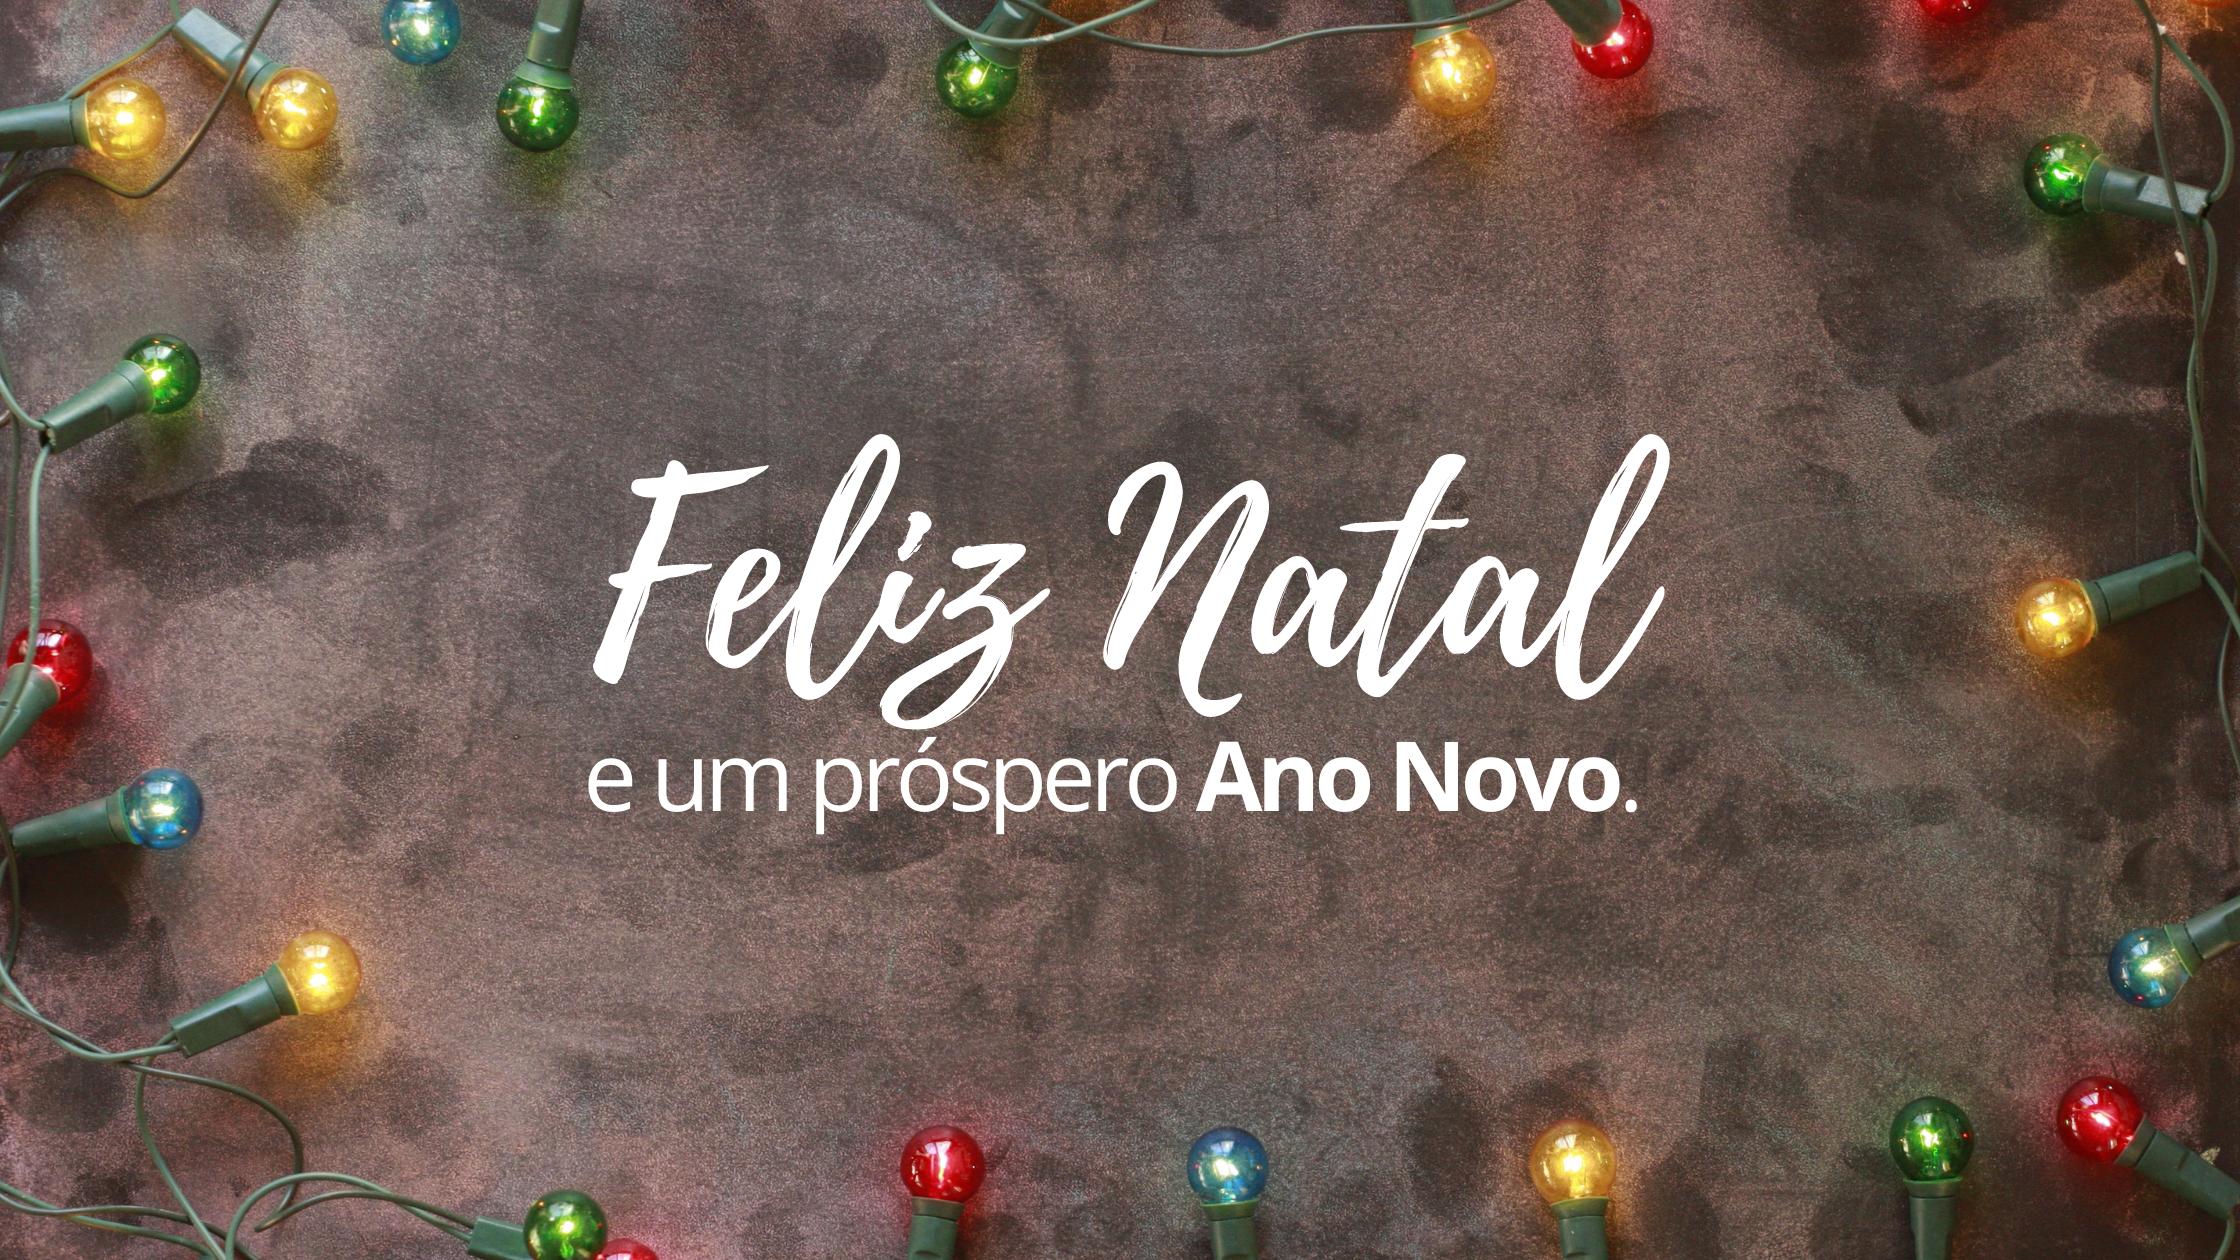 Mensagem de Natal e Ano Novo do vereador e presidente Lico de Doro